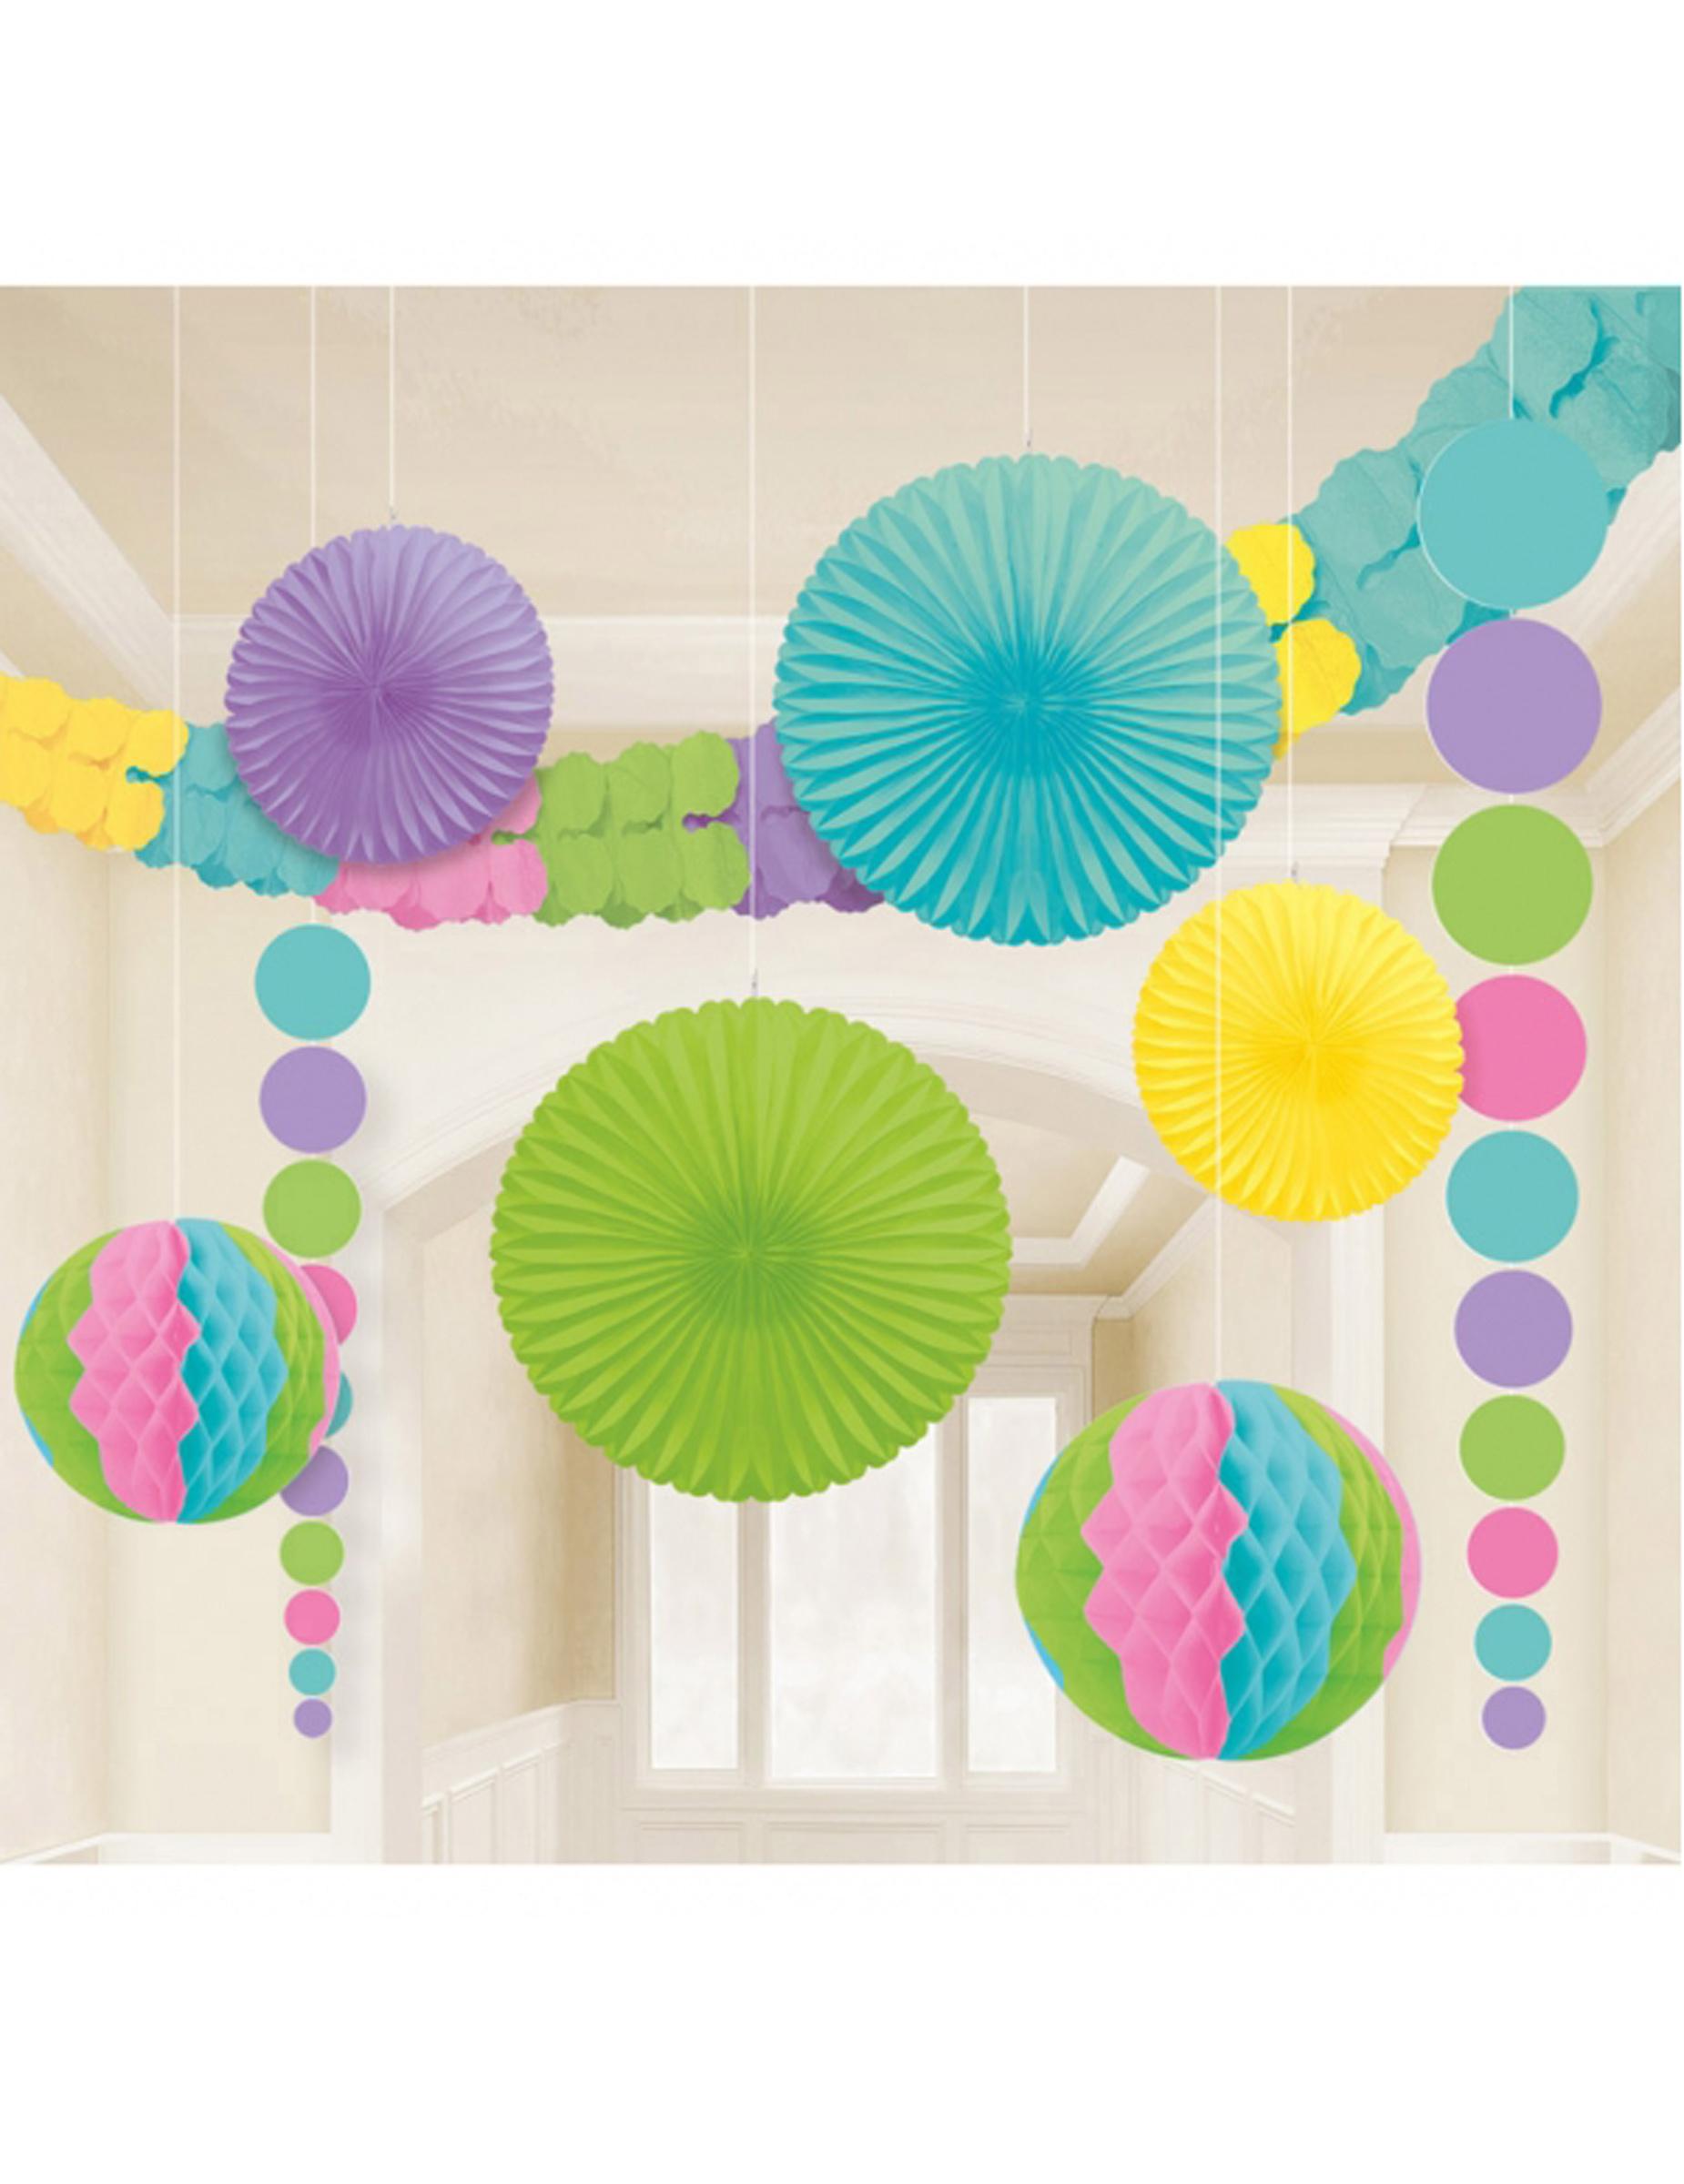 kit de 9 d corations pastel d coration anniversaire et f tes th me sur vegaoo party. Black Bedroom Furniture Sets. Home Design Ideas